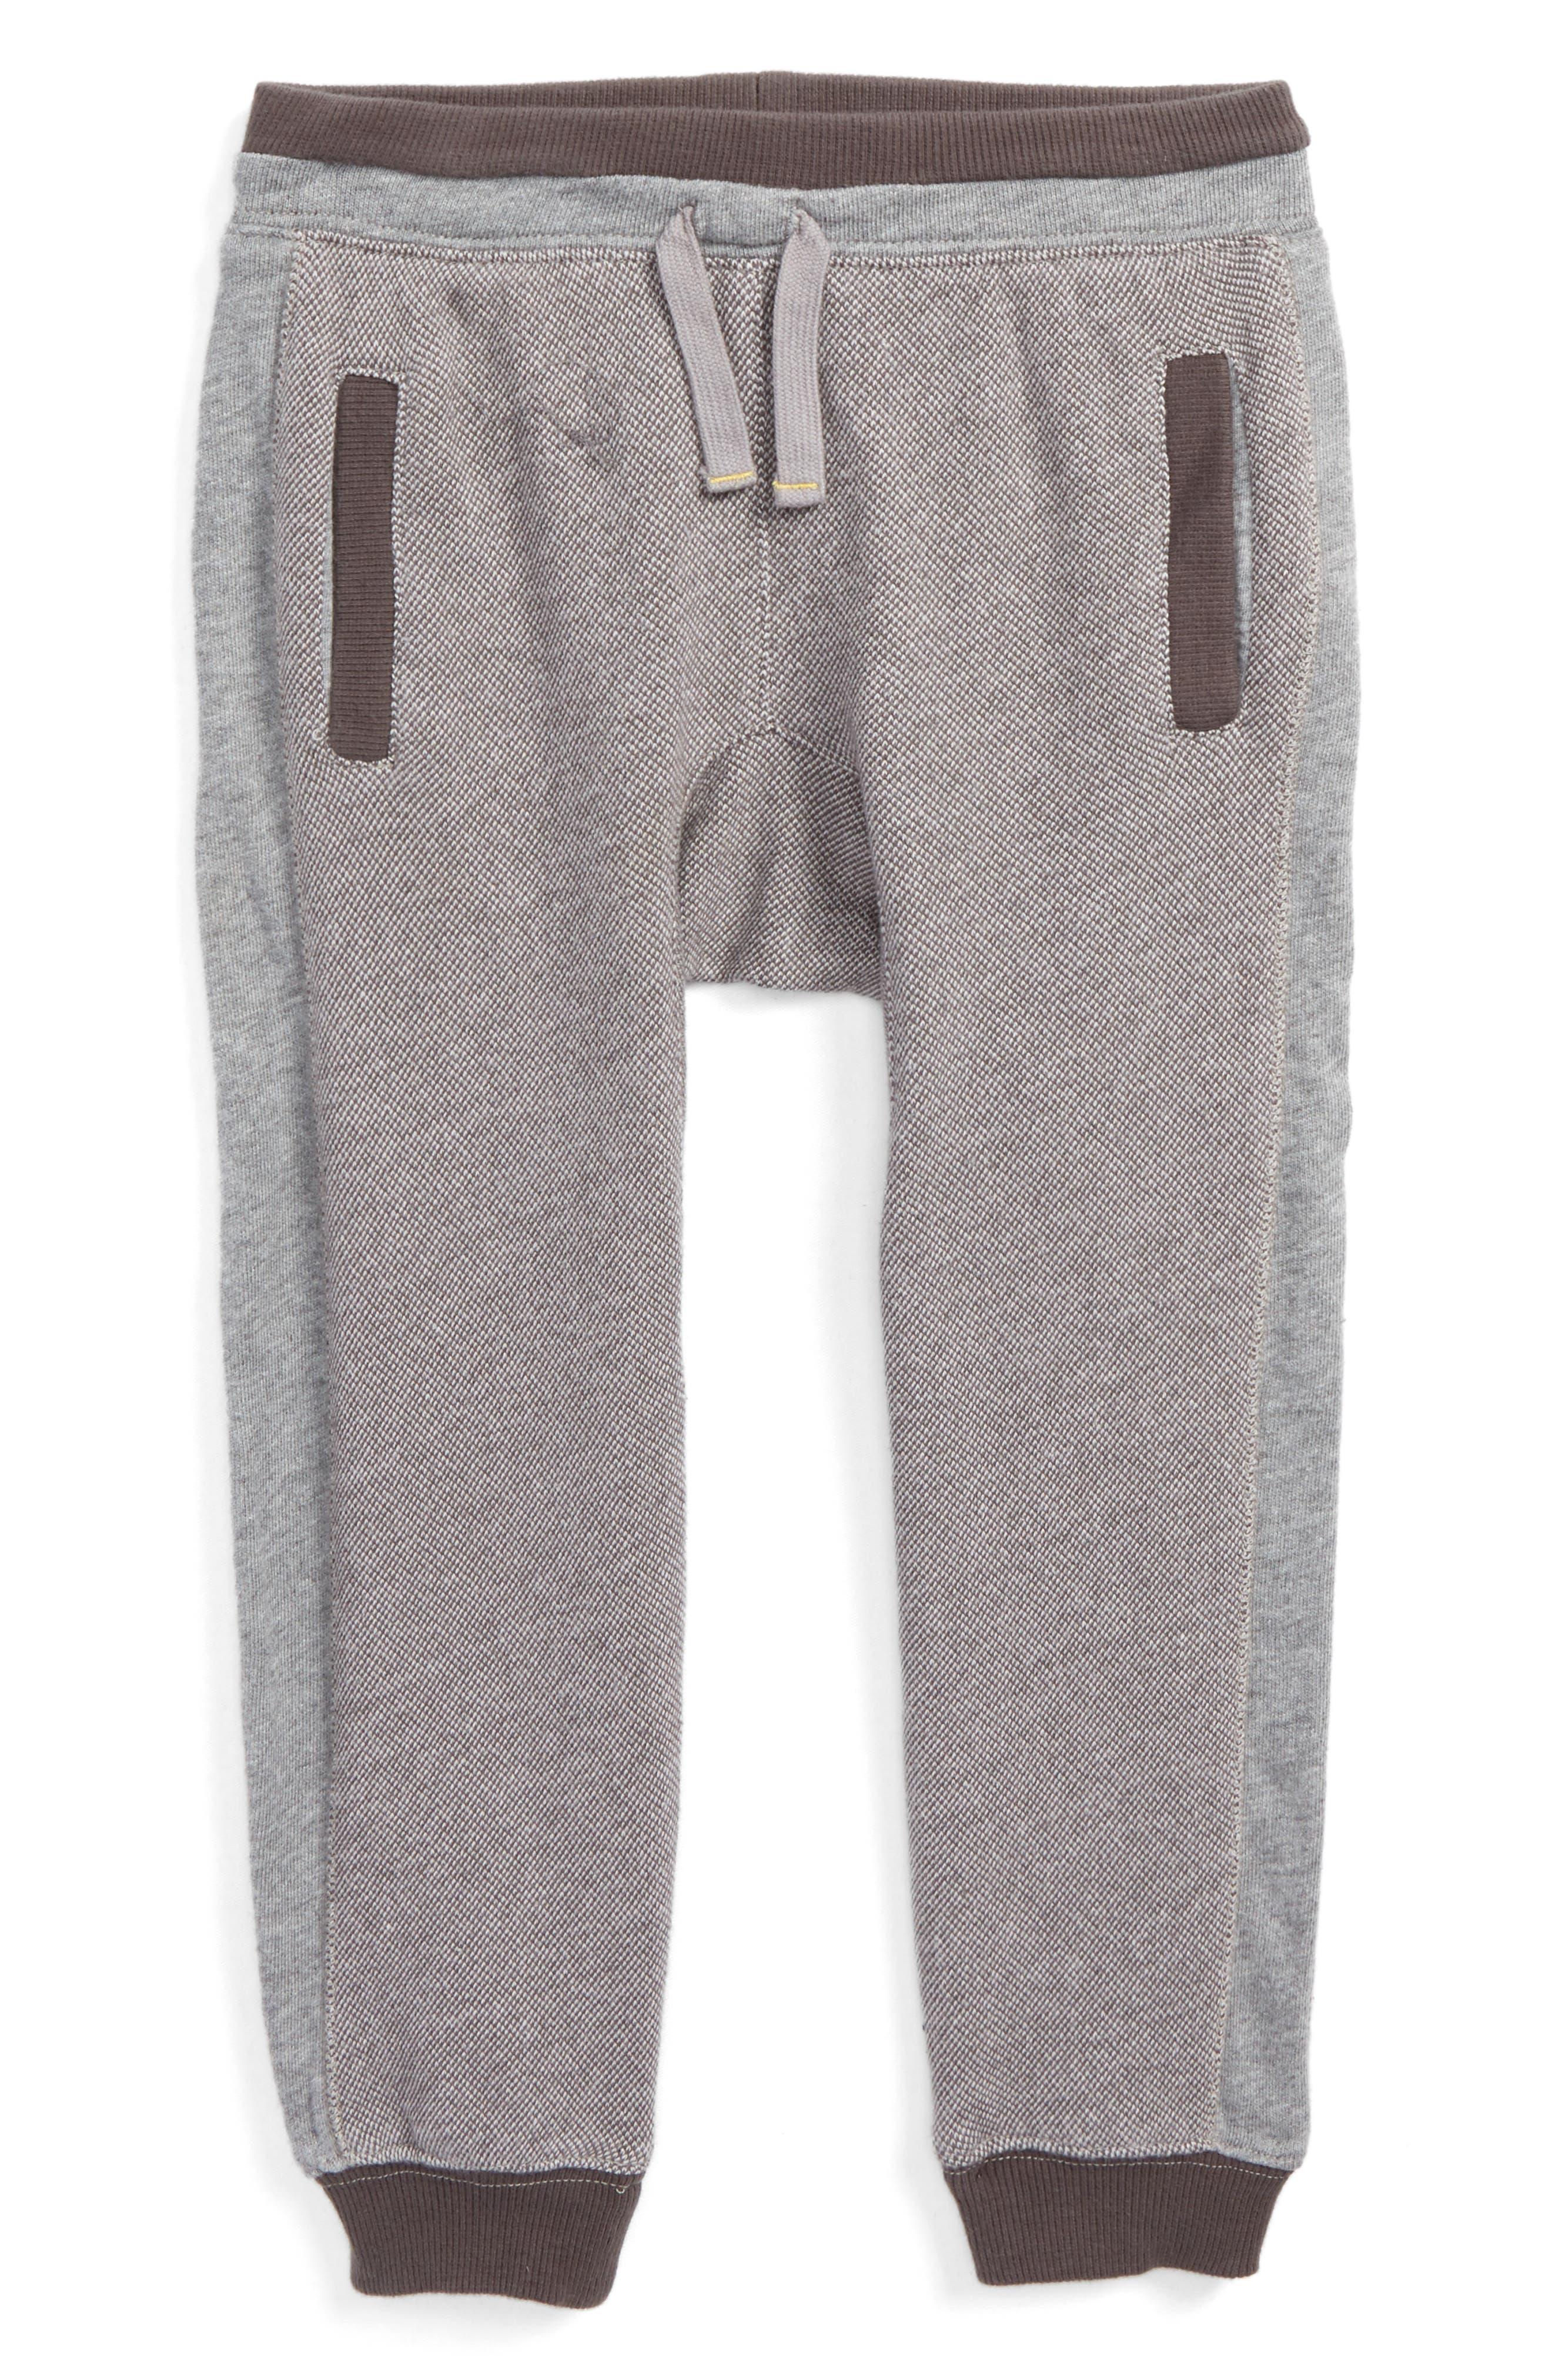 Birdseye Knit Jogger Pants,                             Main thumbnail 1, color,                             Grey